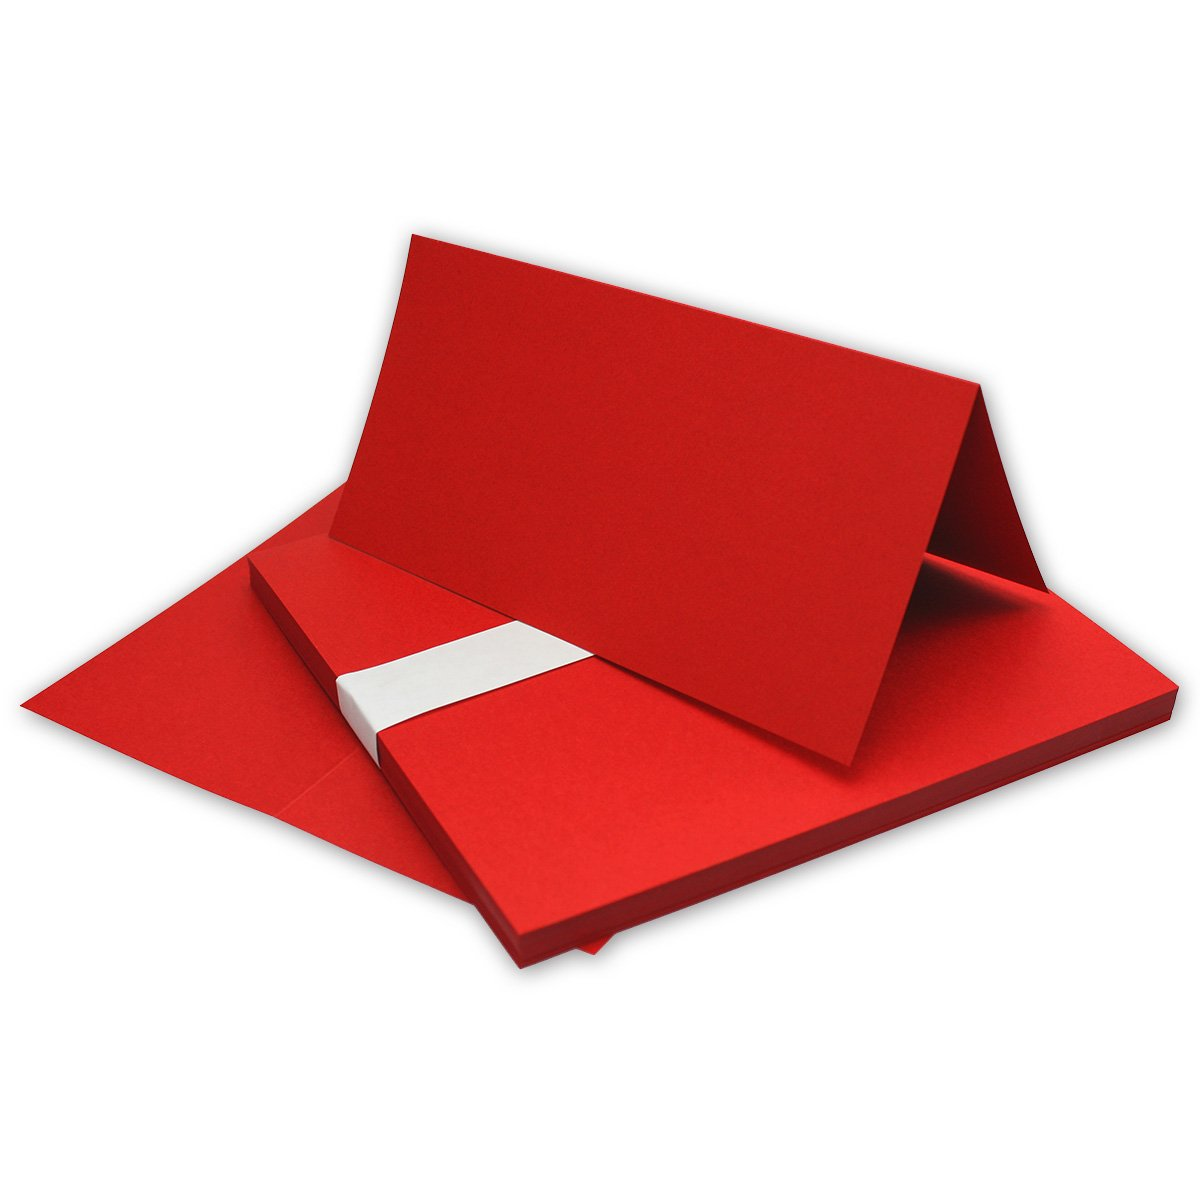 700 Faltkarten Din Lang Lang Lang - Hellgrau - Premium Qualität - 10,5 x 21 cm - Sehr formstabil - für Drucker Geeignet  - Qualitätsmarke  NEUSER FarbenFroh B07FKSPVY7 | Klein und fein  6259c7